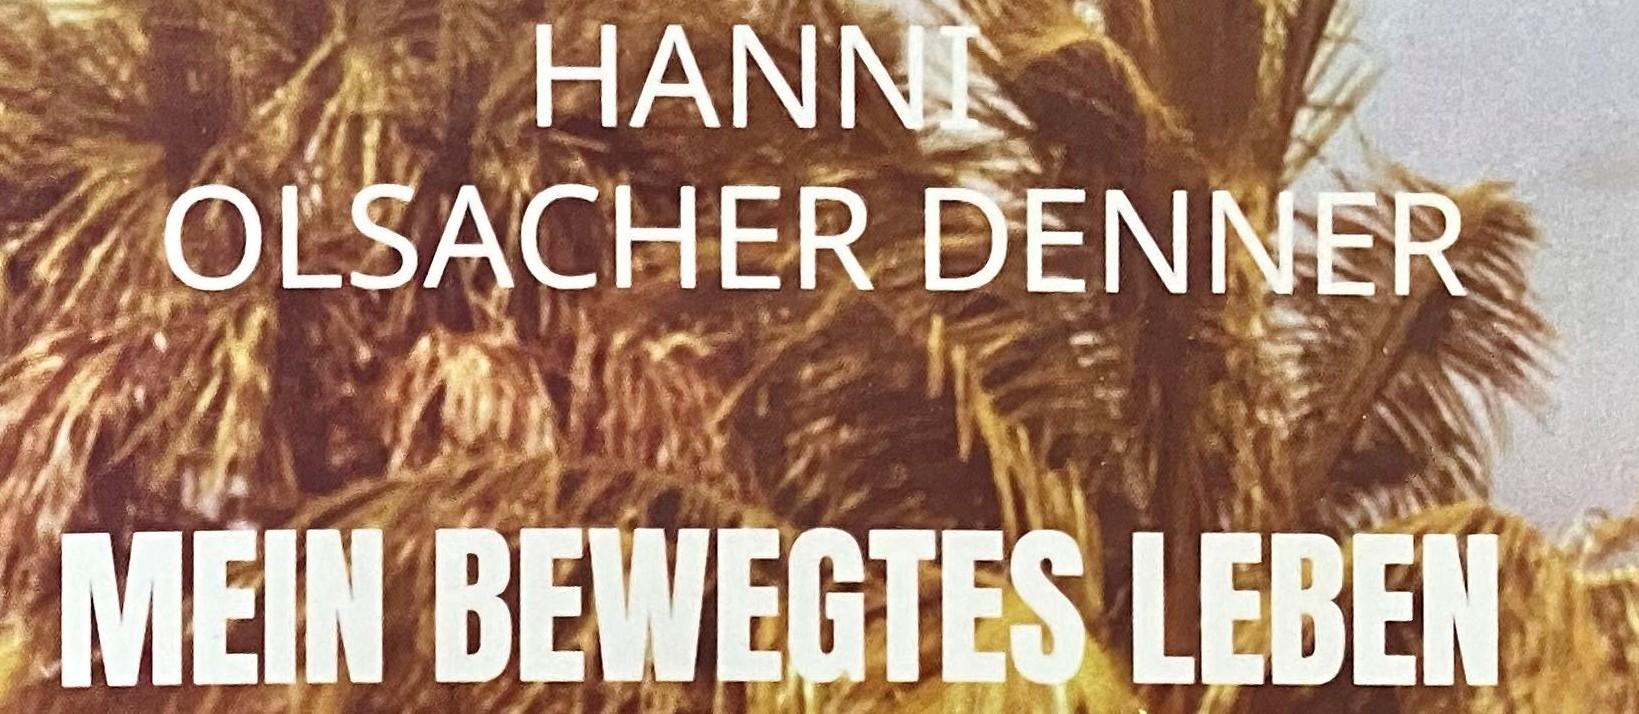 Hanni Olsacher schreibt und spendet!